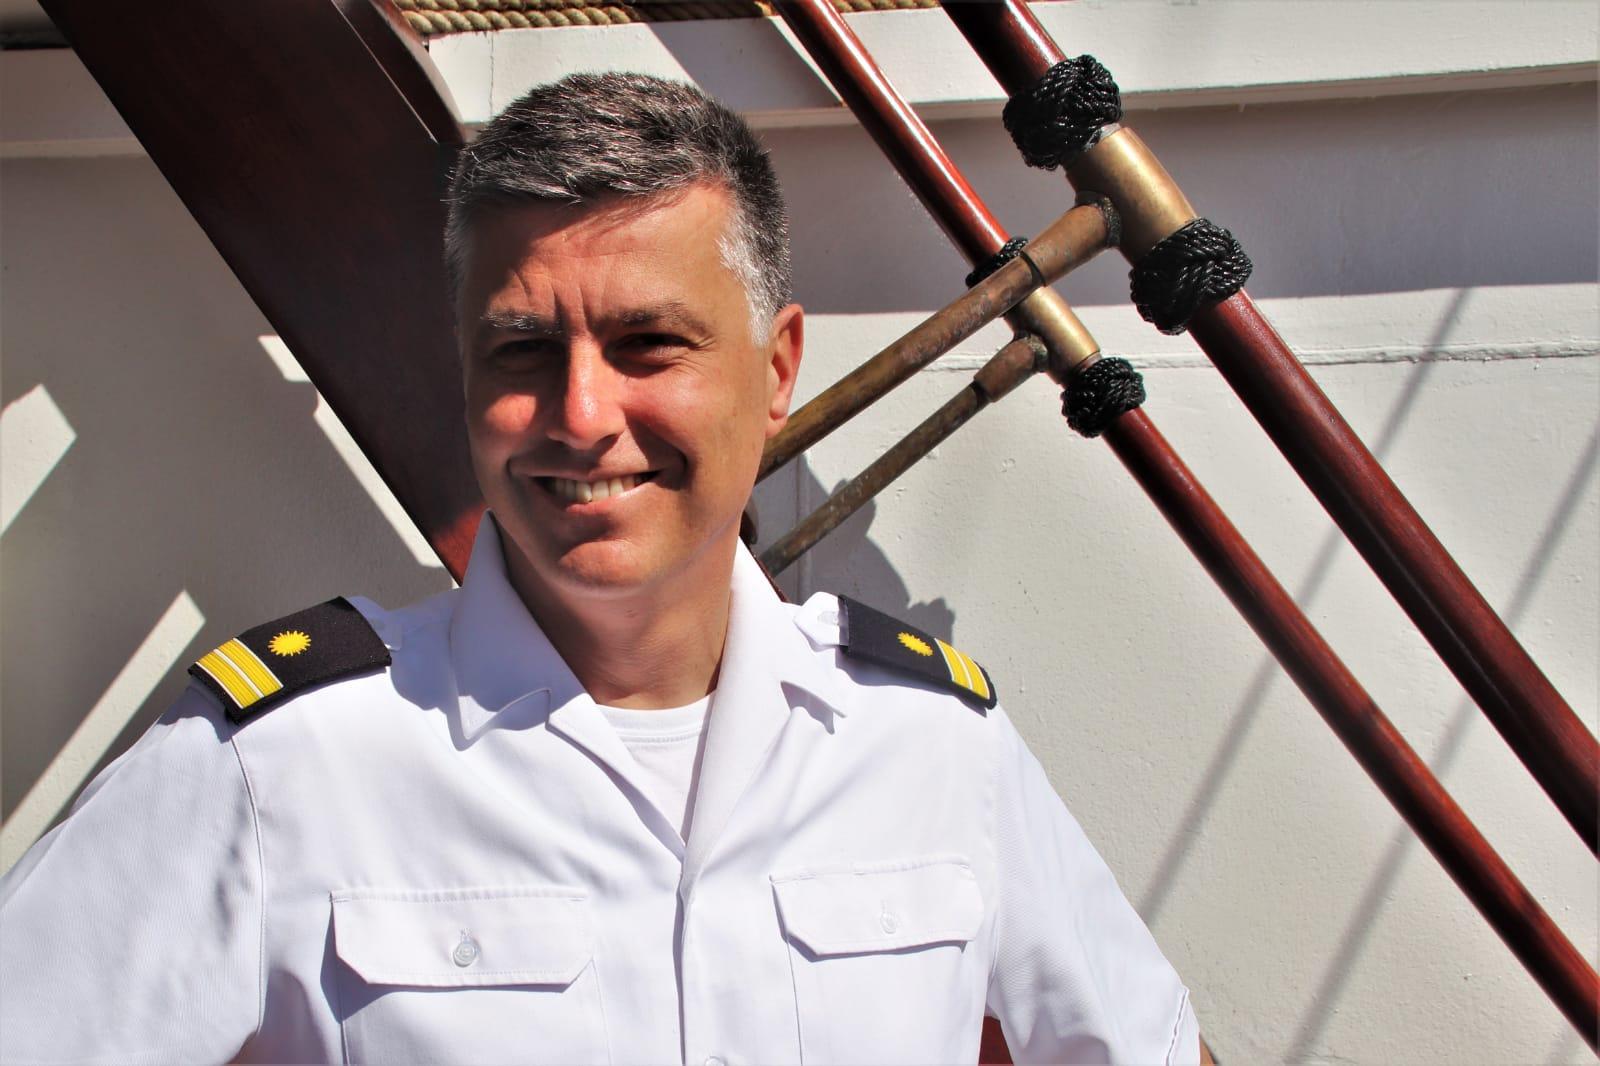 El capitán intendente y habilitado del Juan Sebastián de Elcano, Joaquín Sáez Robles, a bordo del bergantín-goleta. Foto: Armada Española.